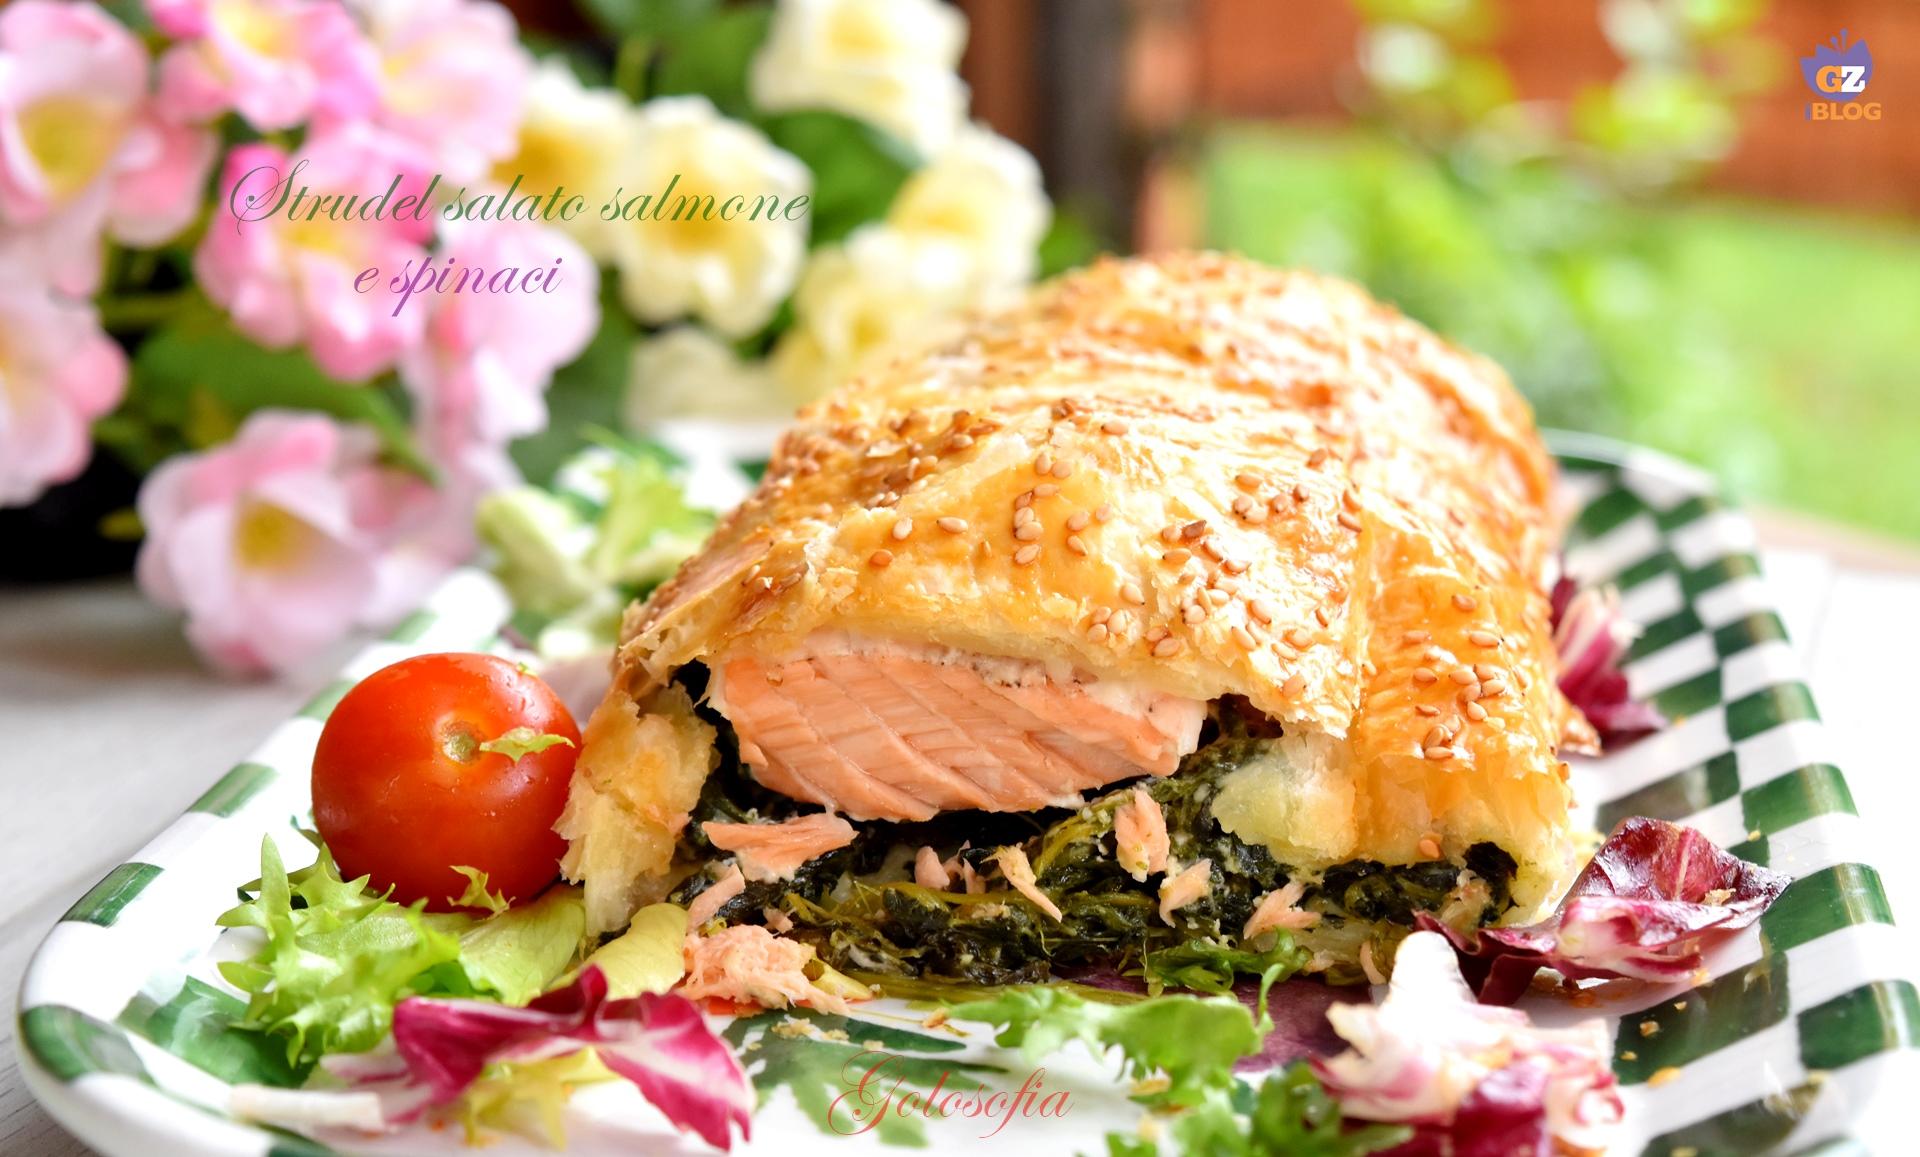 Strudel salato salmone e spinaci-ricetta antipasti-golosofia